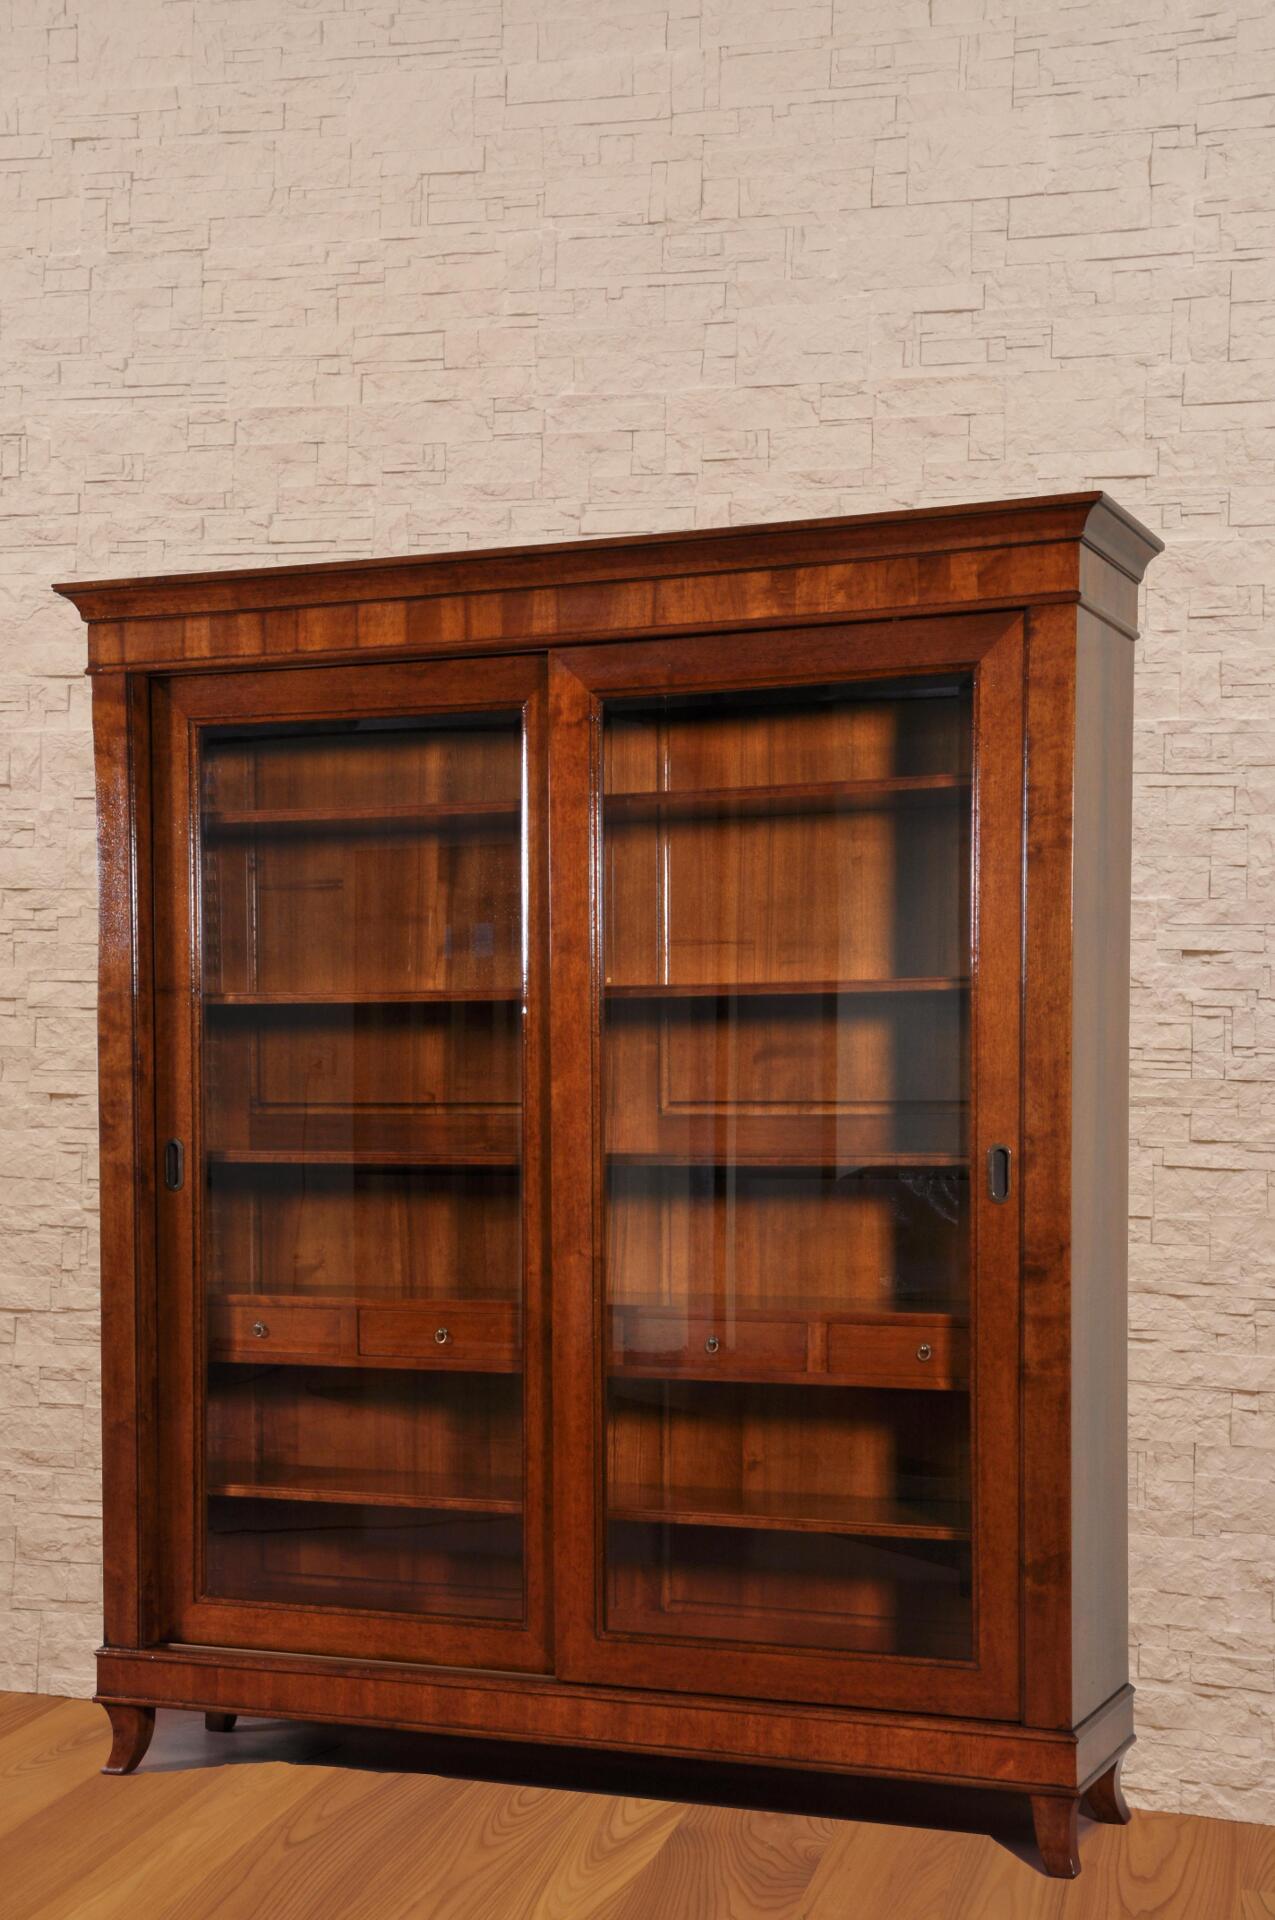 Libreria classica costruita su misura in stile direttorio - Mobili libreria classica ...